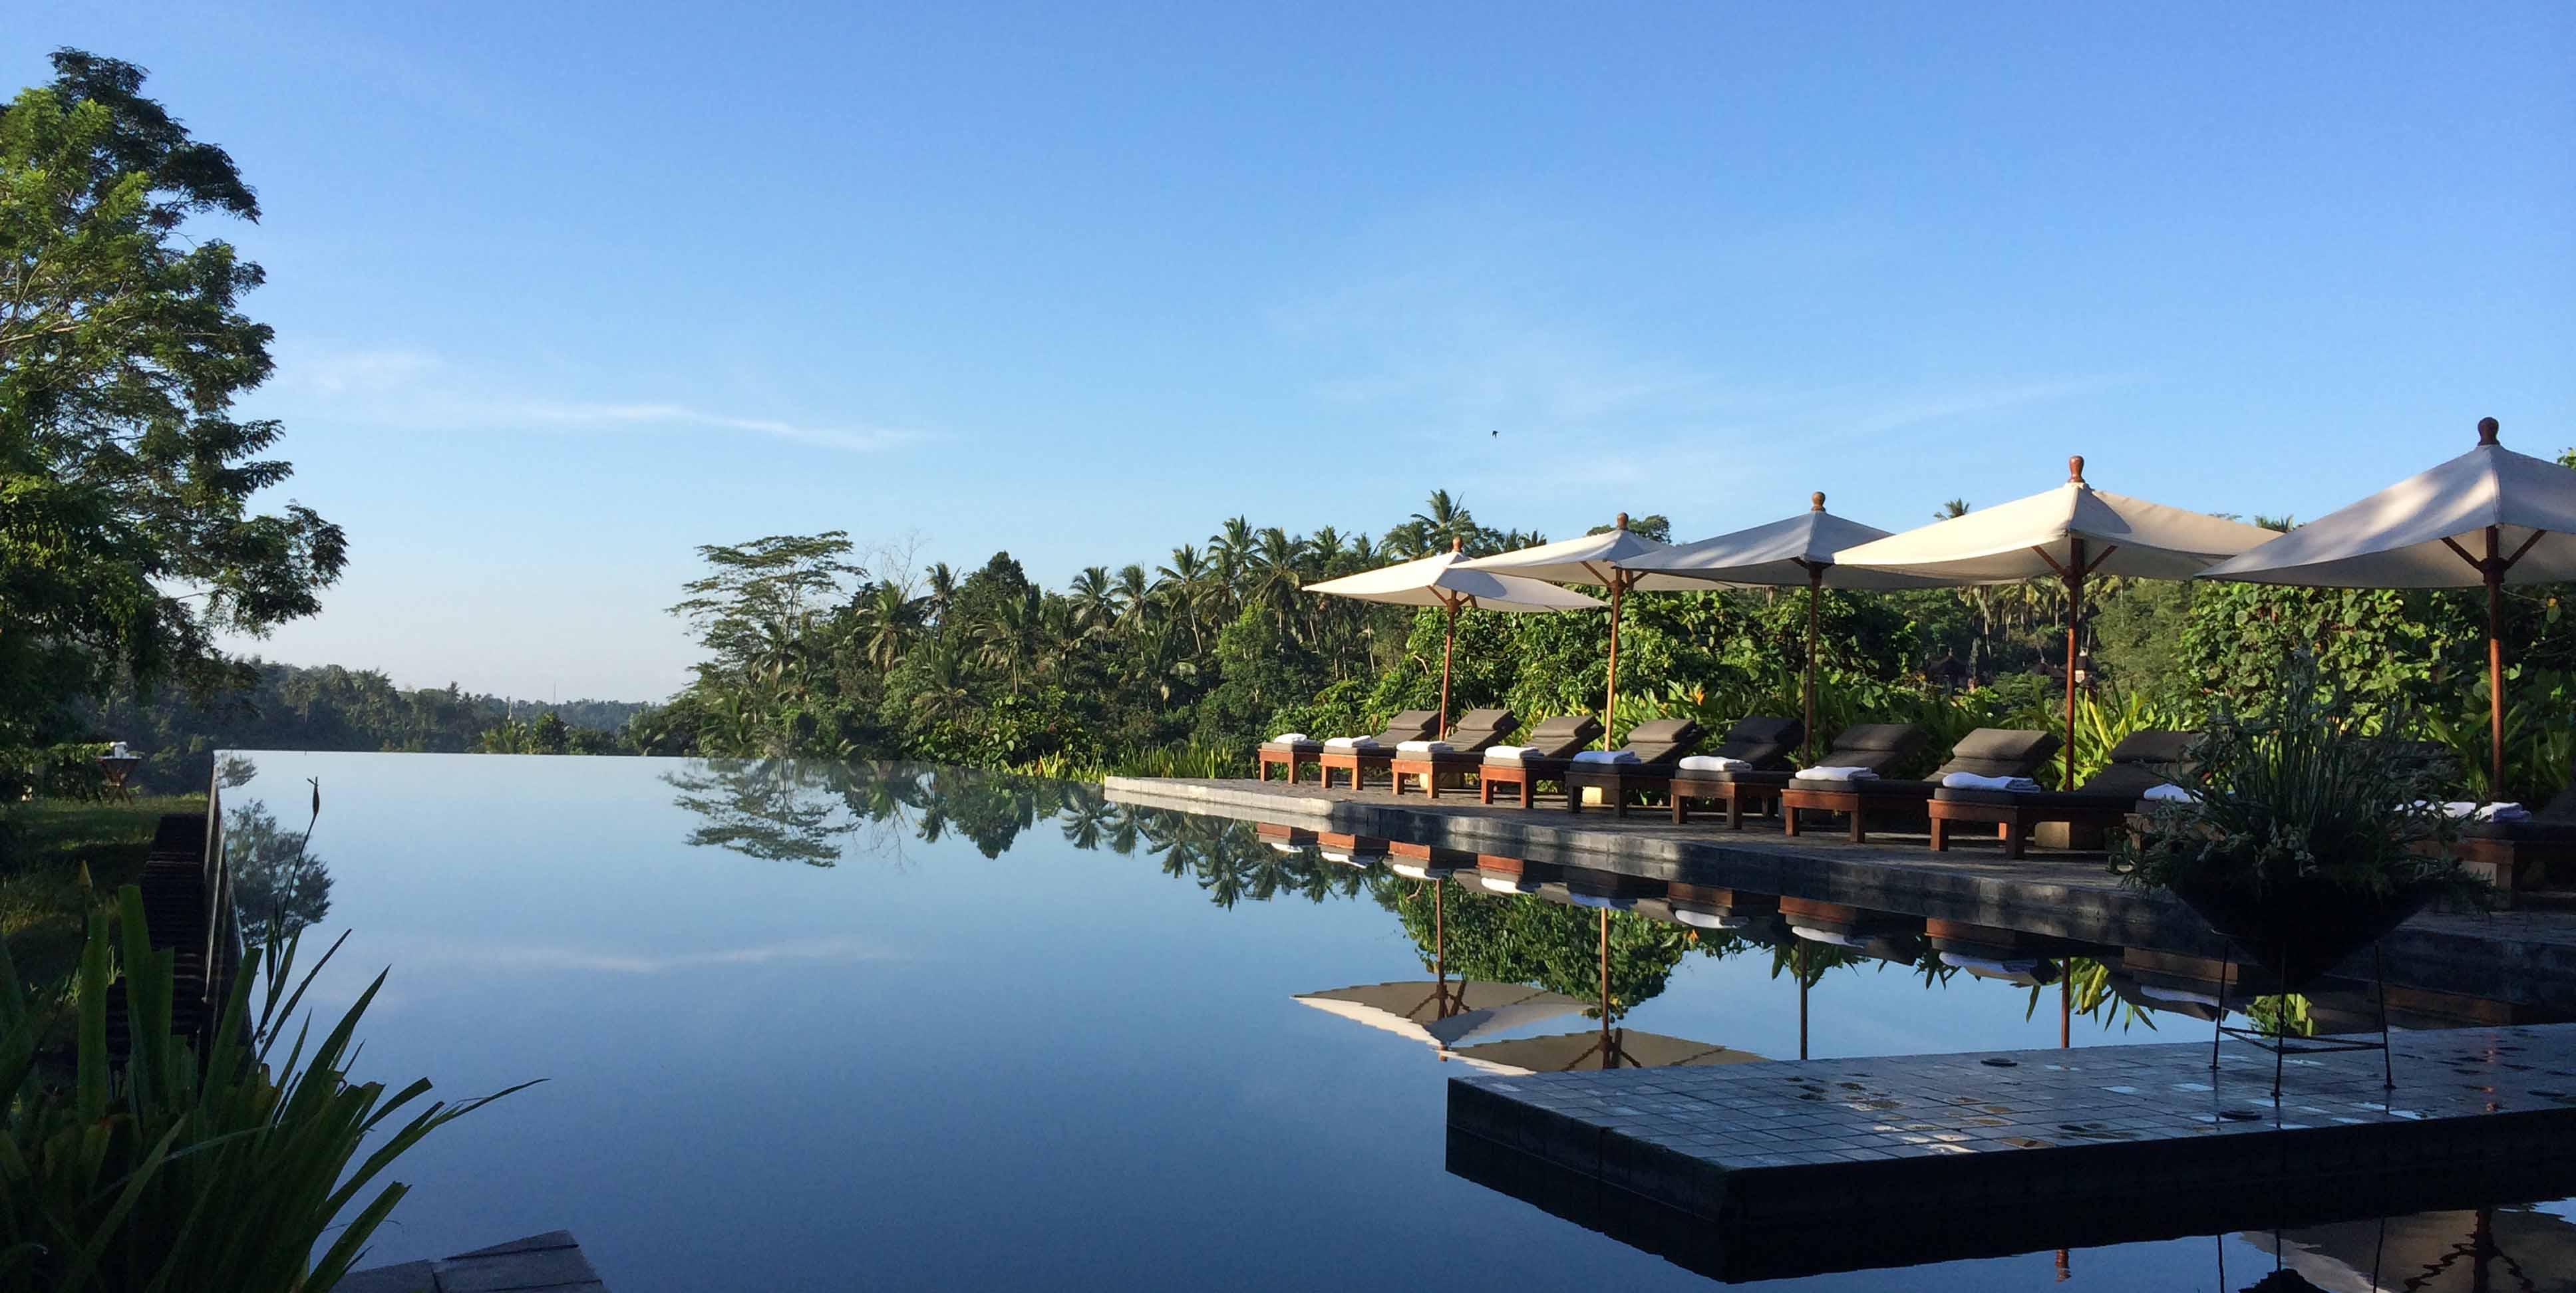 Lige netop dette sted i bjergene på Bali er valgt for dets unikke ro og skønhed, så du ikke skal tænke på andet end at træne Mindfulness og nyde omgivelserne.